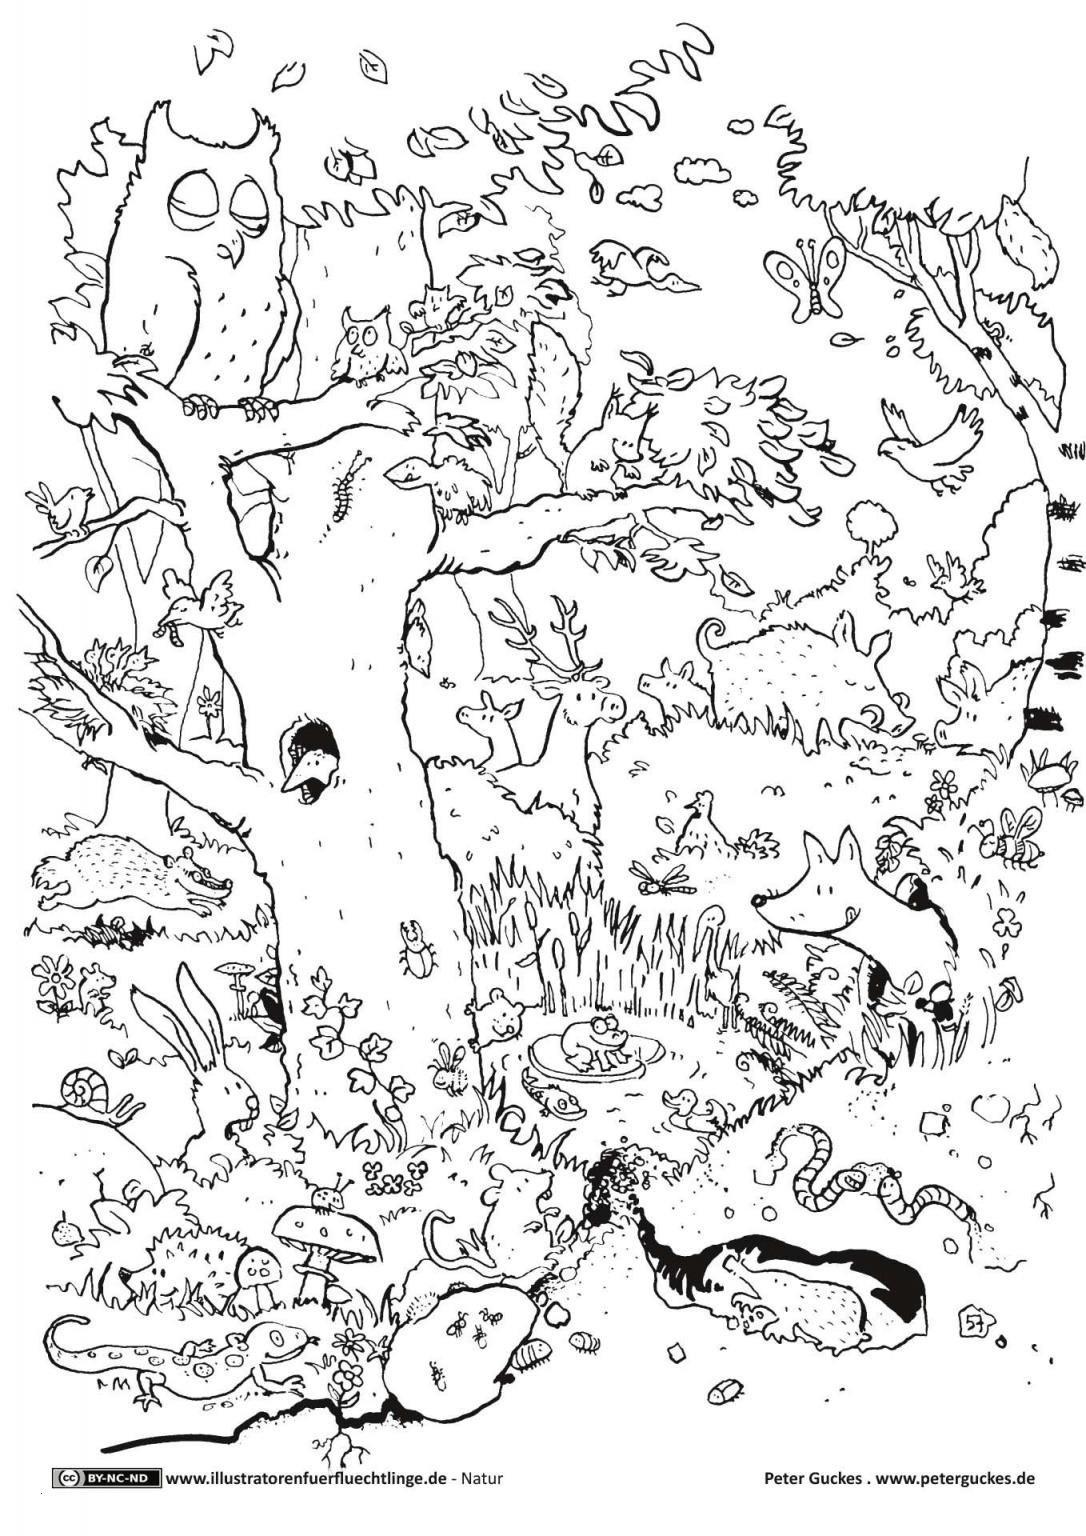 Malvorlagen Winnie Pooh Inspirierend Scoredatscore Beste Malvorlagen Sammlung Genial Ausmalbilder Winnie Stock